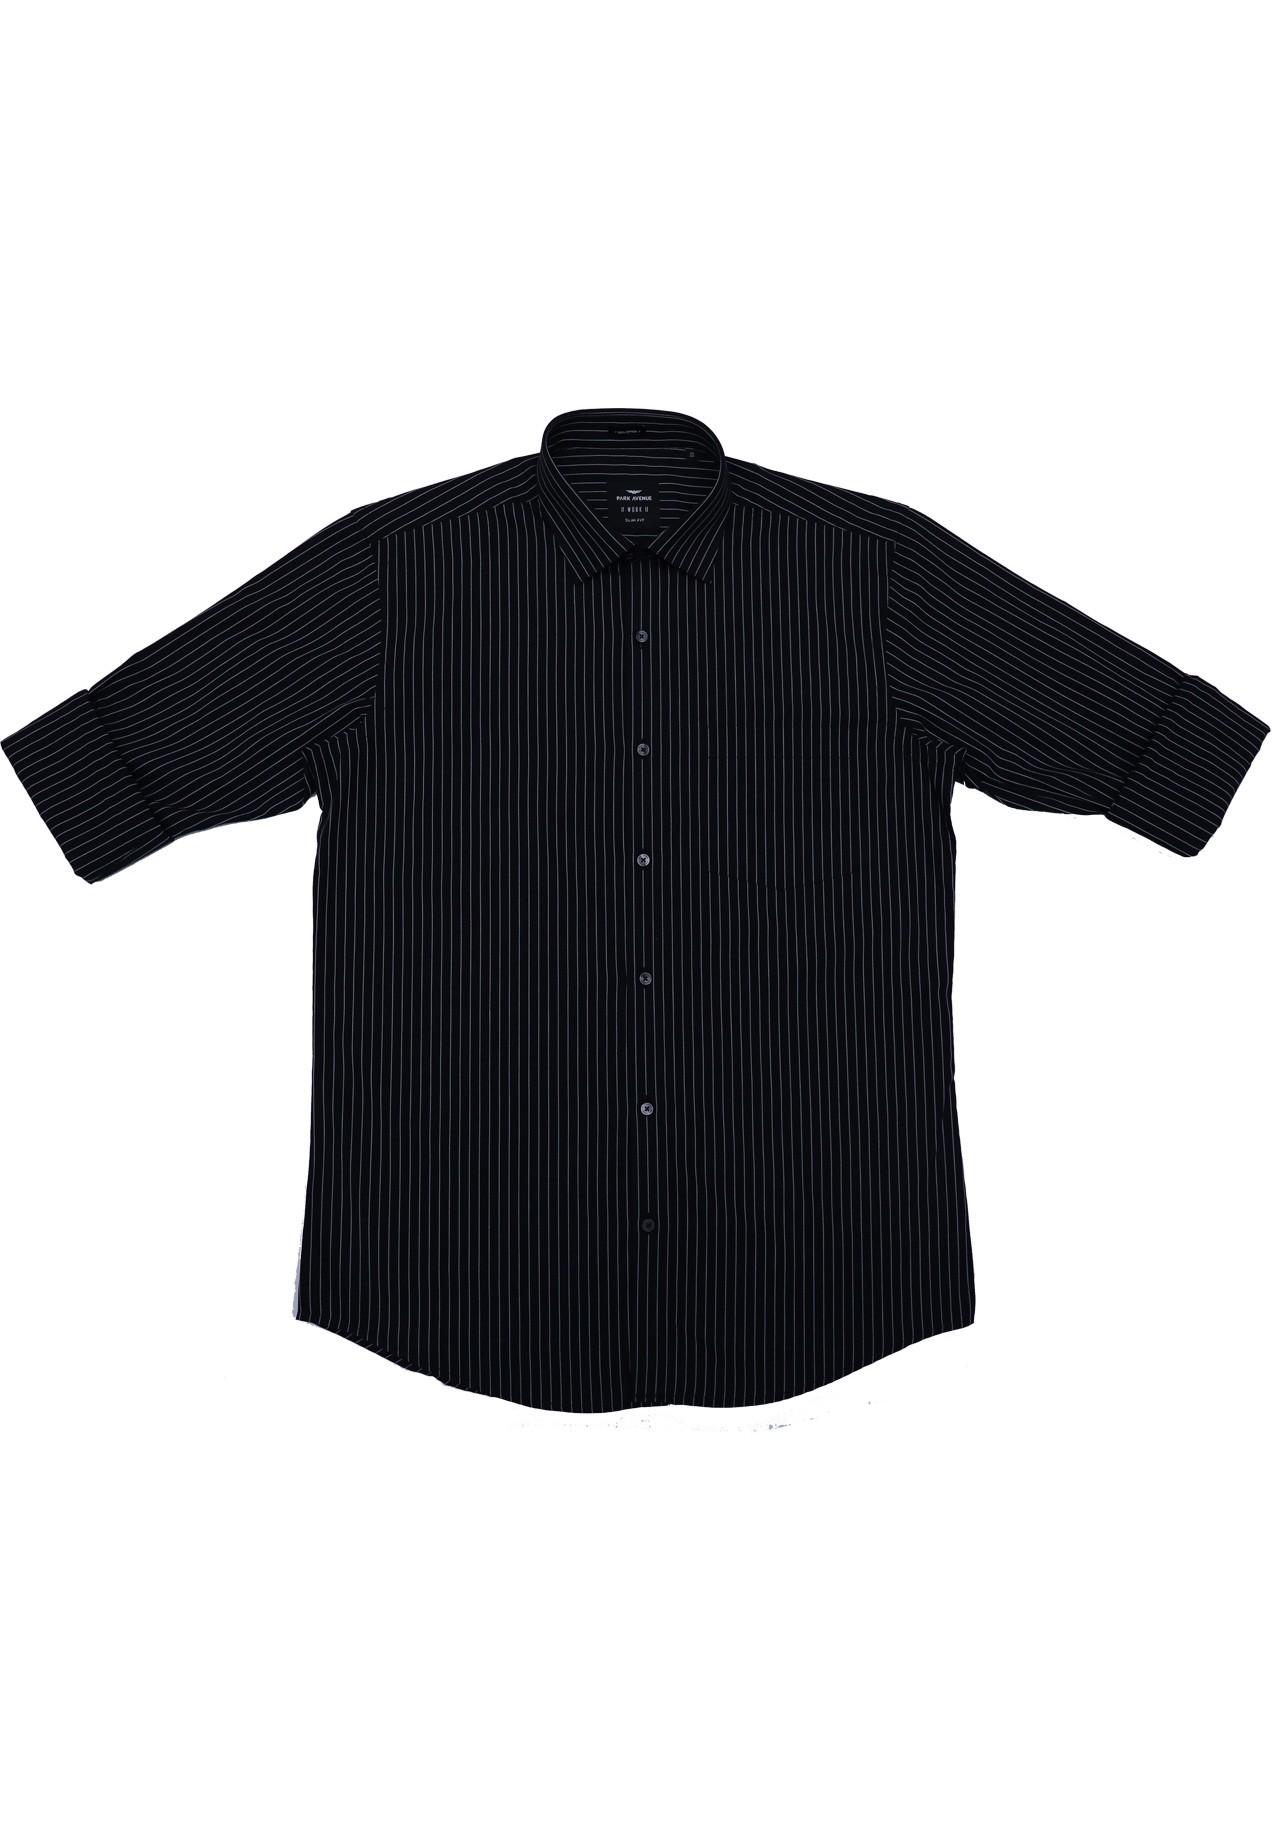 Park Avenue PMSX12282-K8 Mens Shirt, Size 40